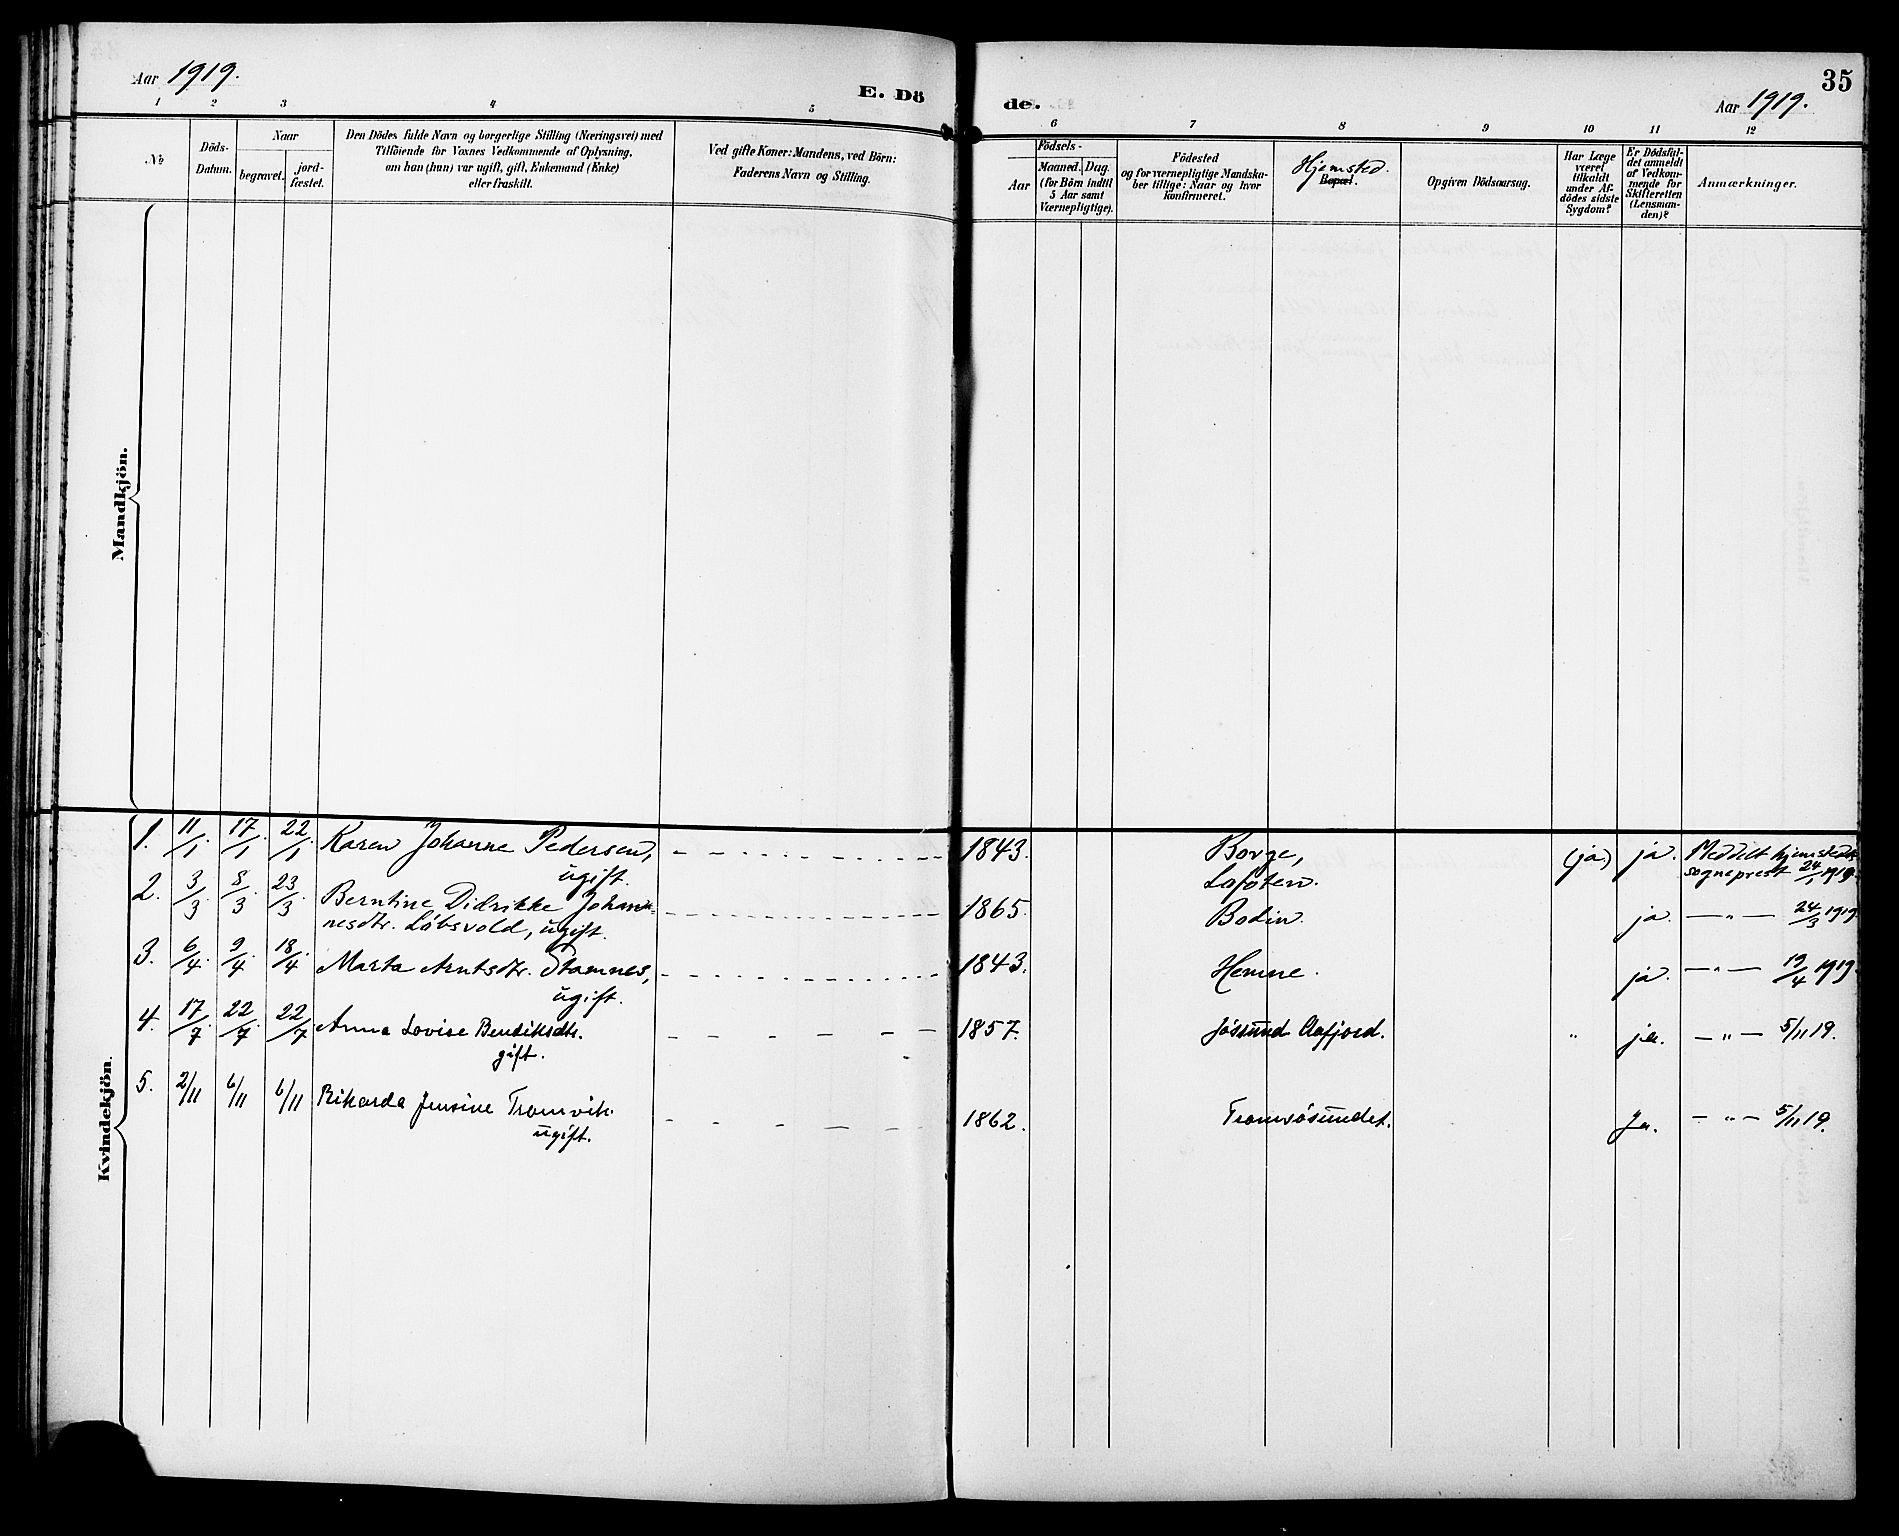 SAT, Ministerialprotokoller, klokkerbøker og fødselsregistre - Sør-Trøndelag, 629/L0486: Ministerialbok nr. 629A02, 1894-1919, s. 35